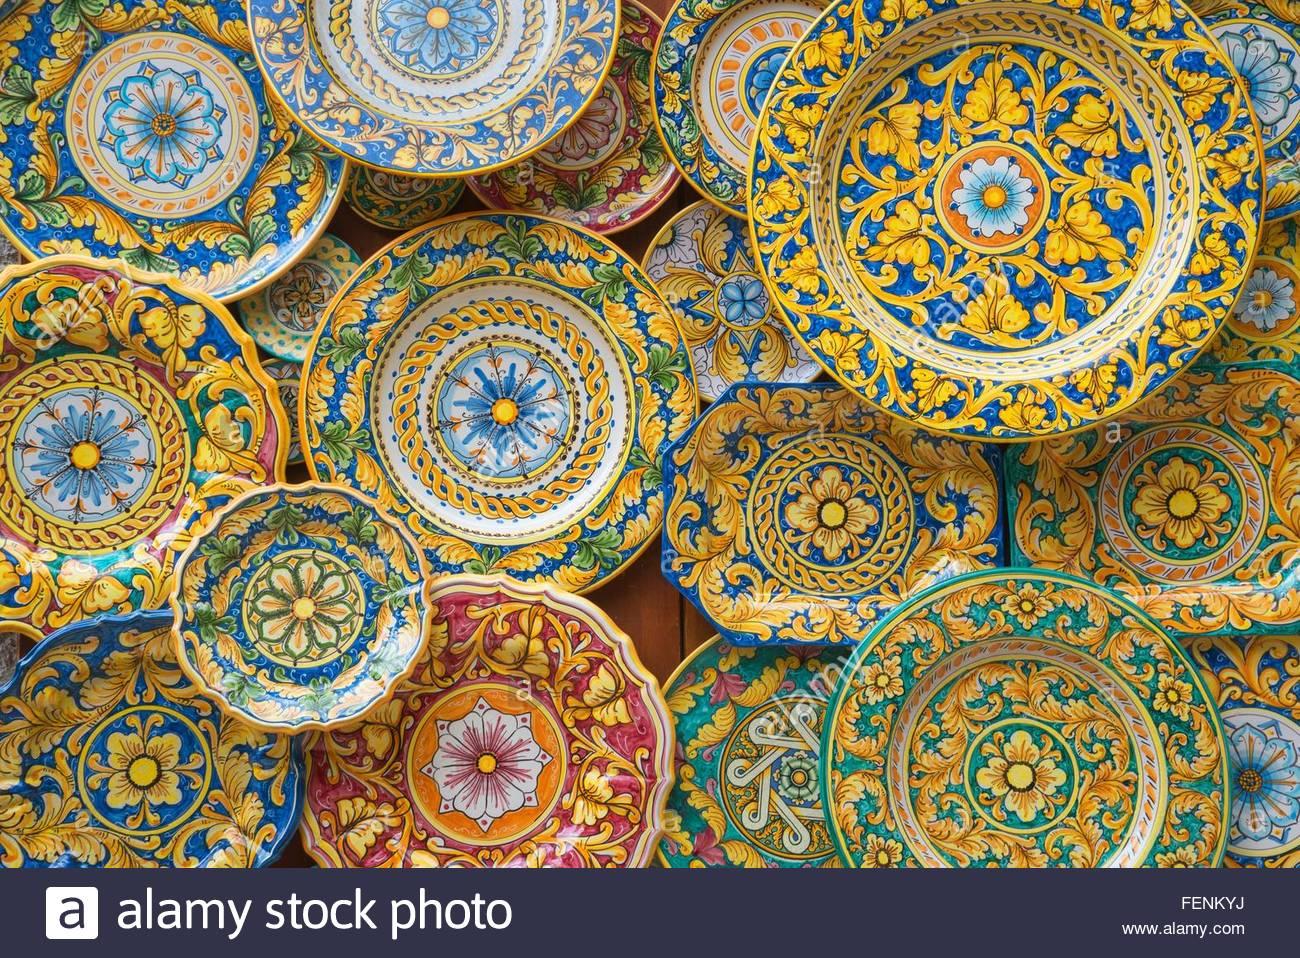 Tradicional pintada a mano placas ornamentadas, Sicilia, Italia Imagen De Stock